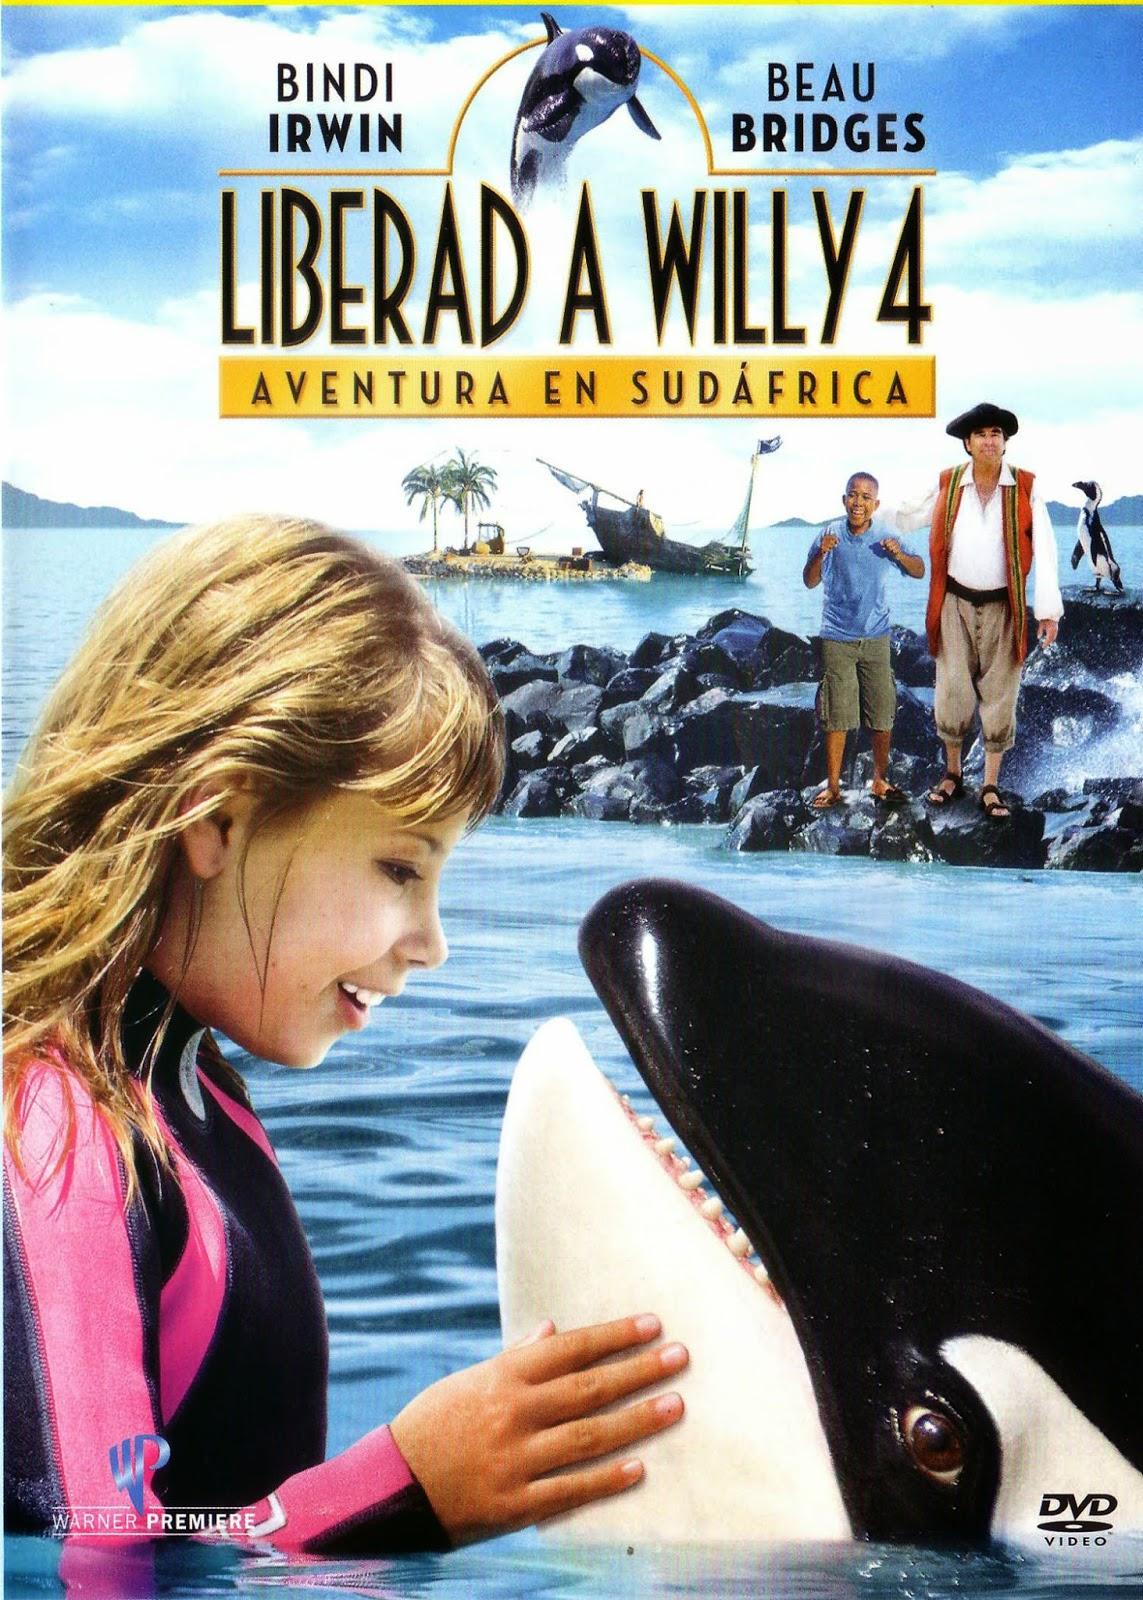 Liberad a Willy 4 - Aventura en Sudafrica (2010)